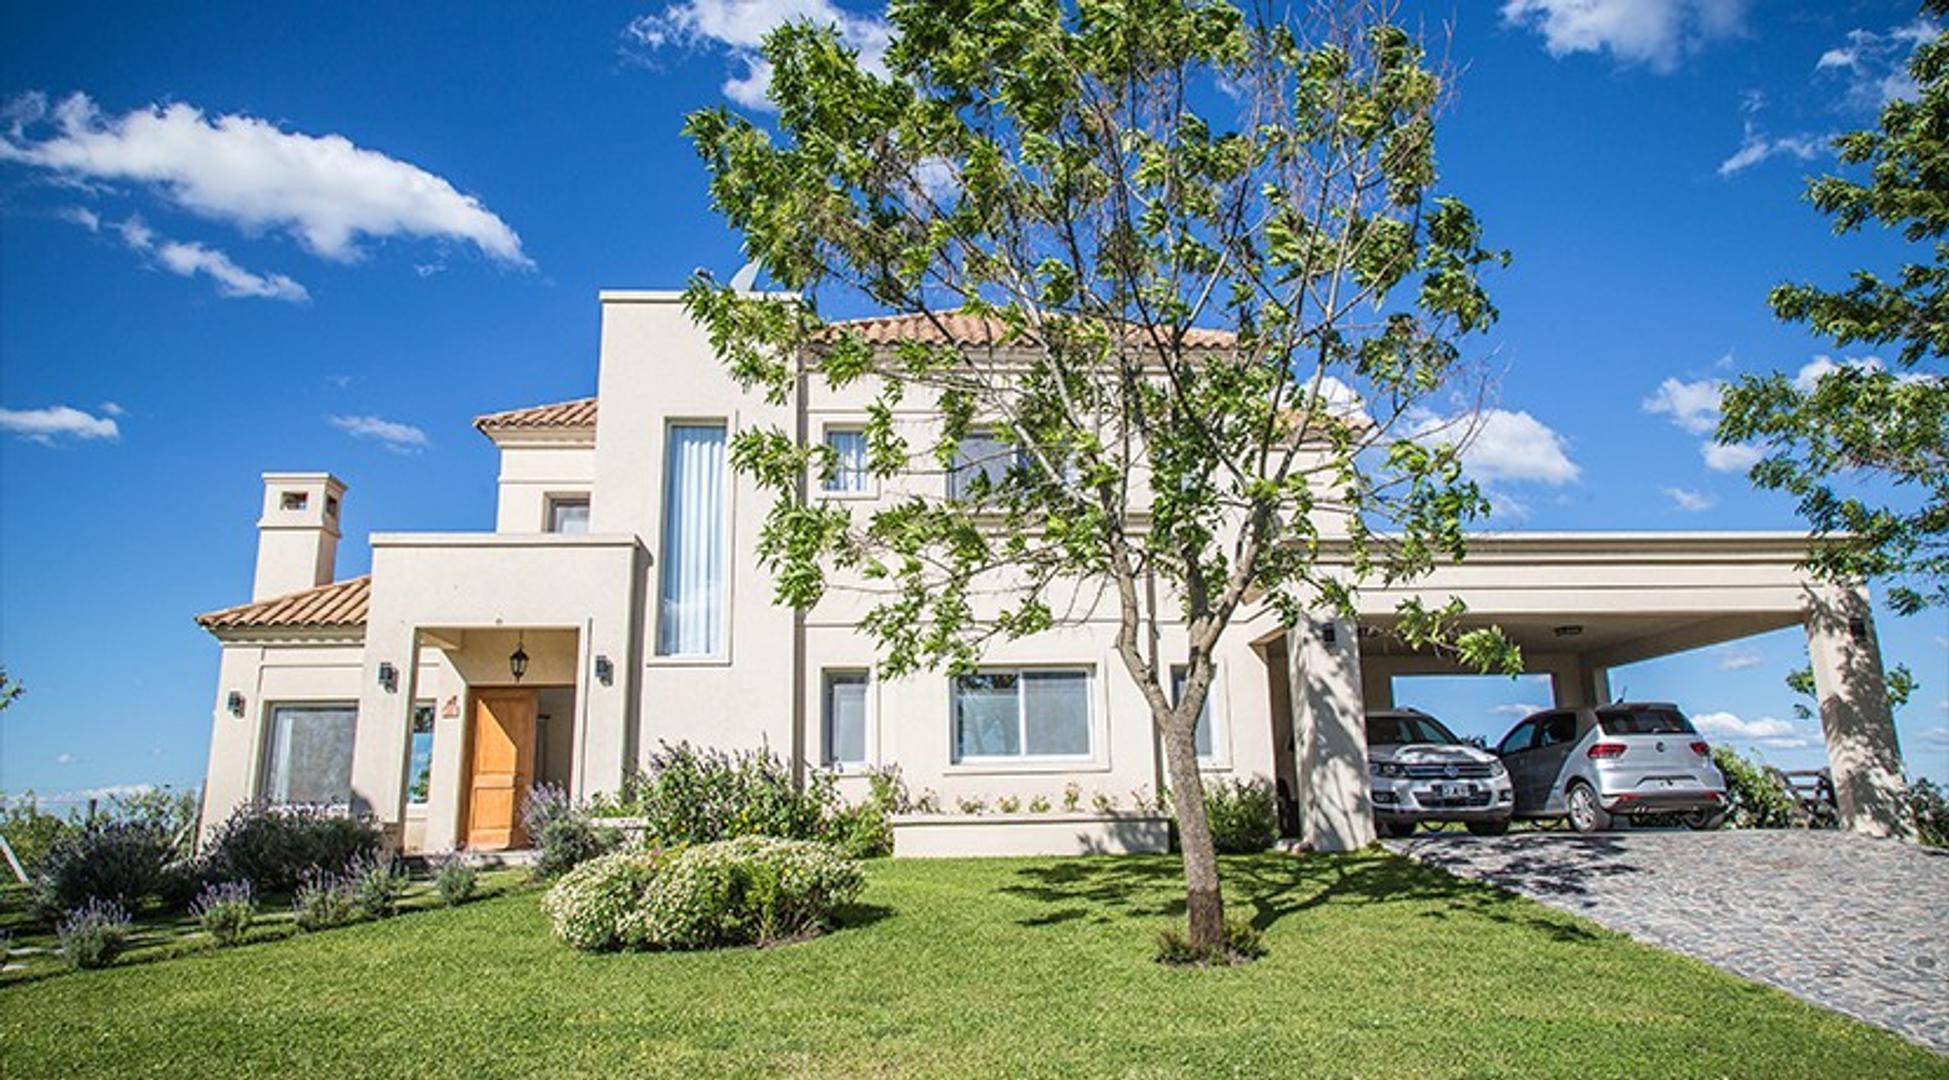 CASA en Venta 5 Amb en La Reserva Cardales / Resort Country Club + Luxury Hotel